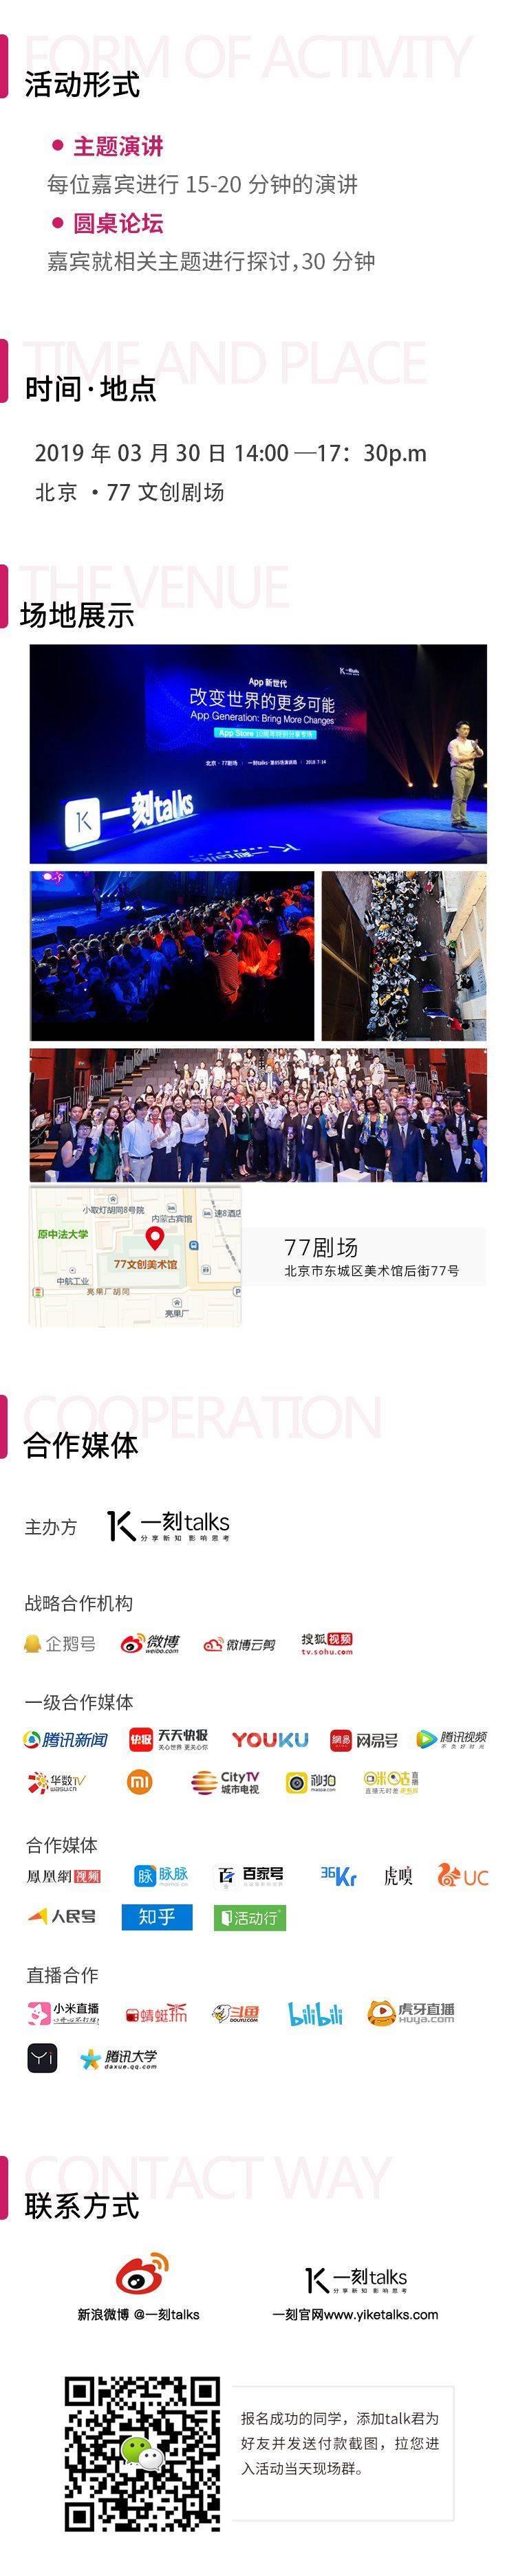 app活动详情页-突破之力_03.jpg